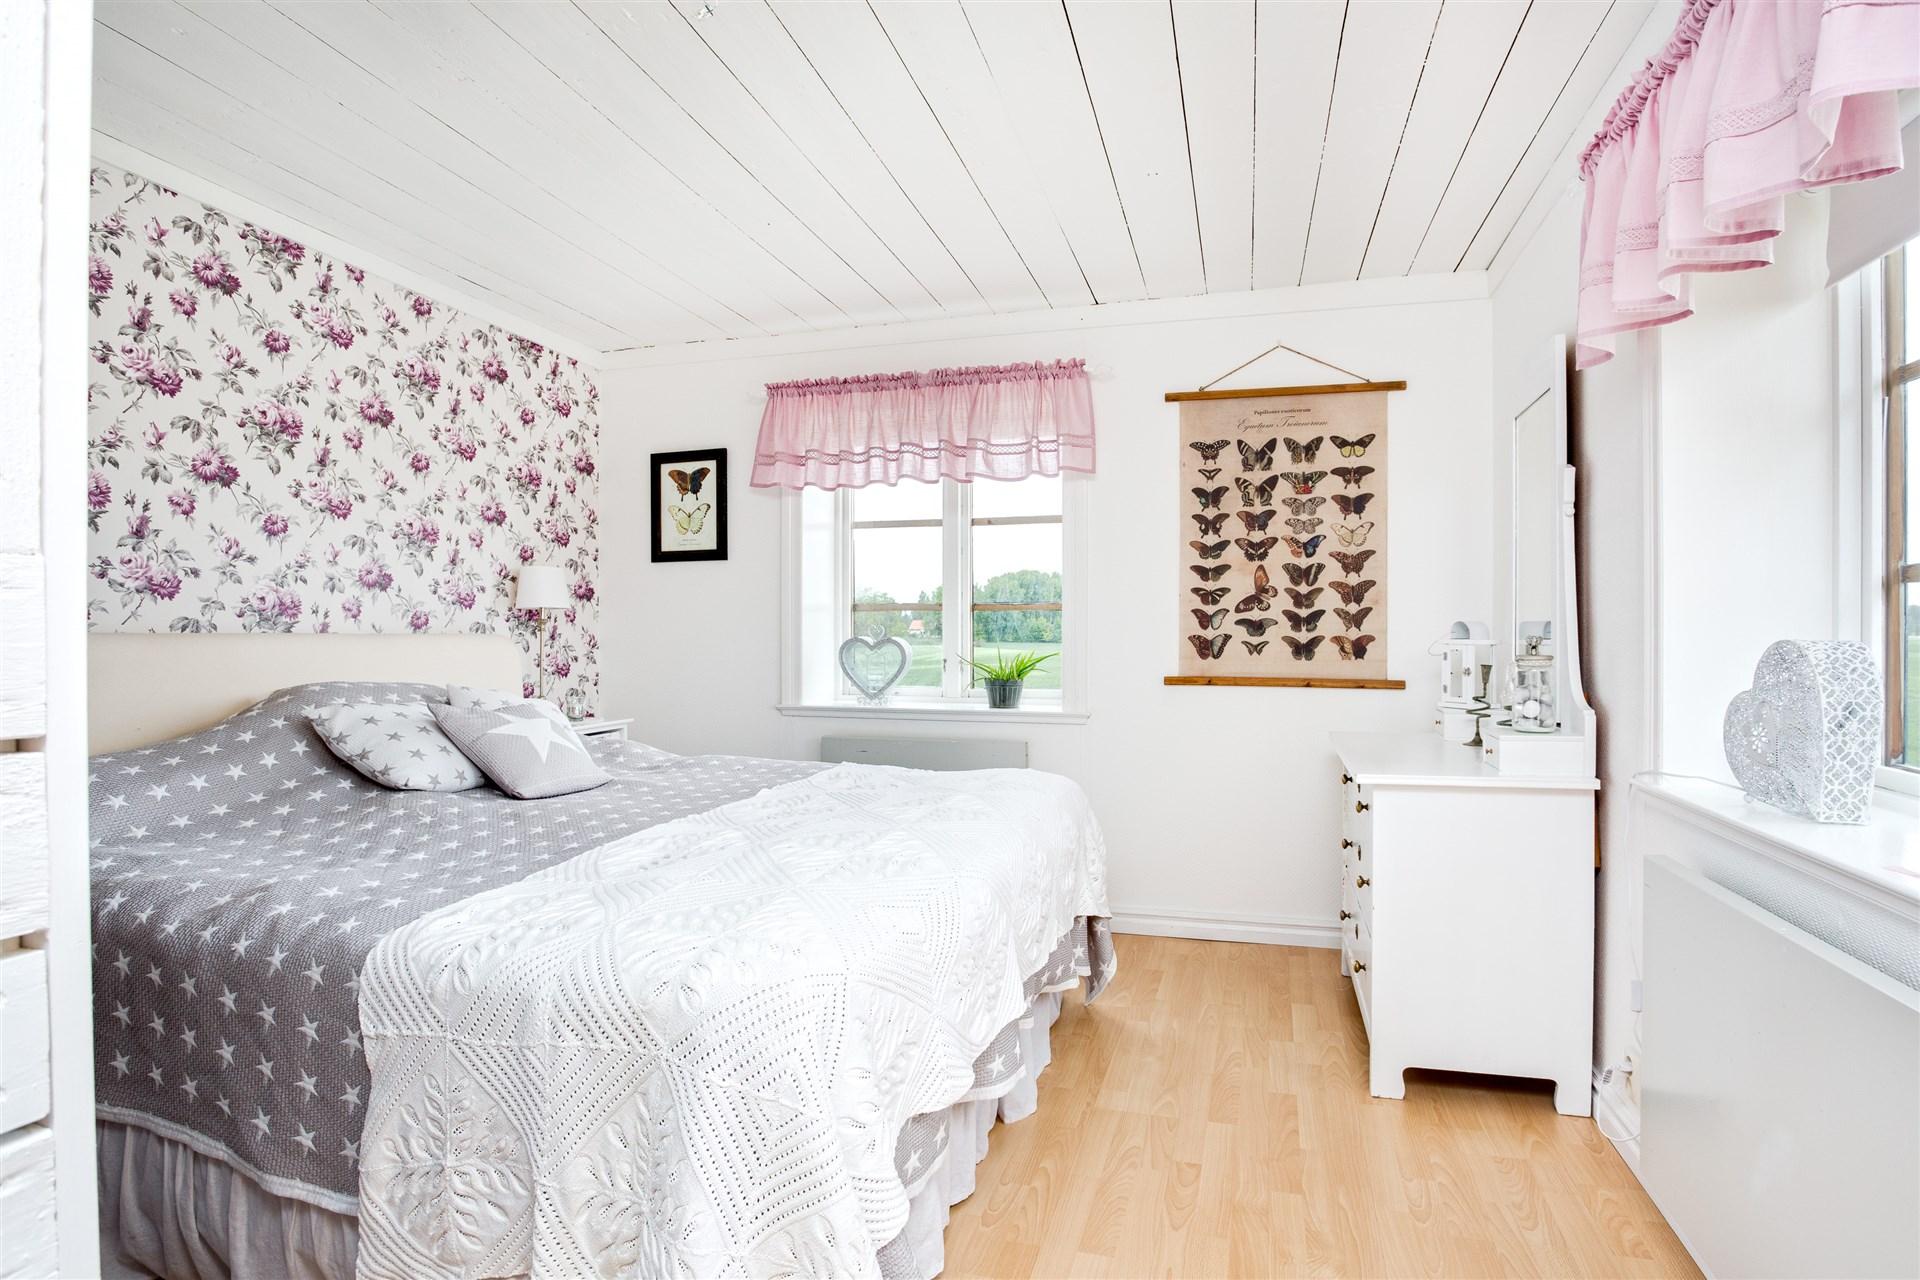 Sovrum 3 med stort klädvårdsutrymme.